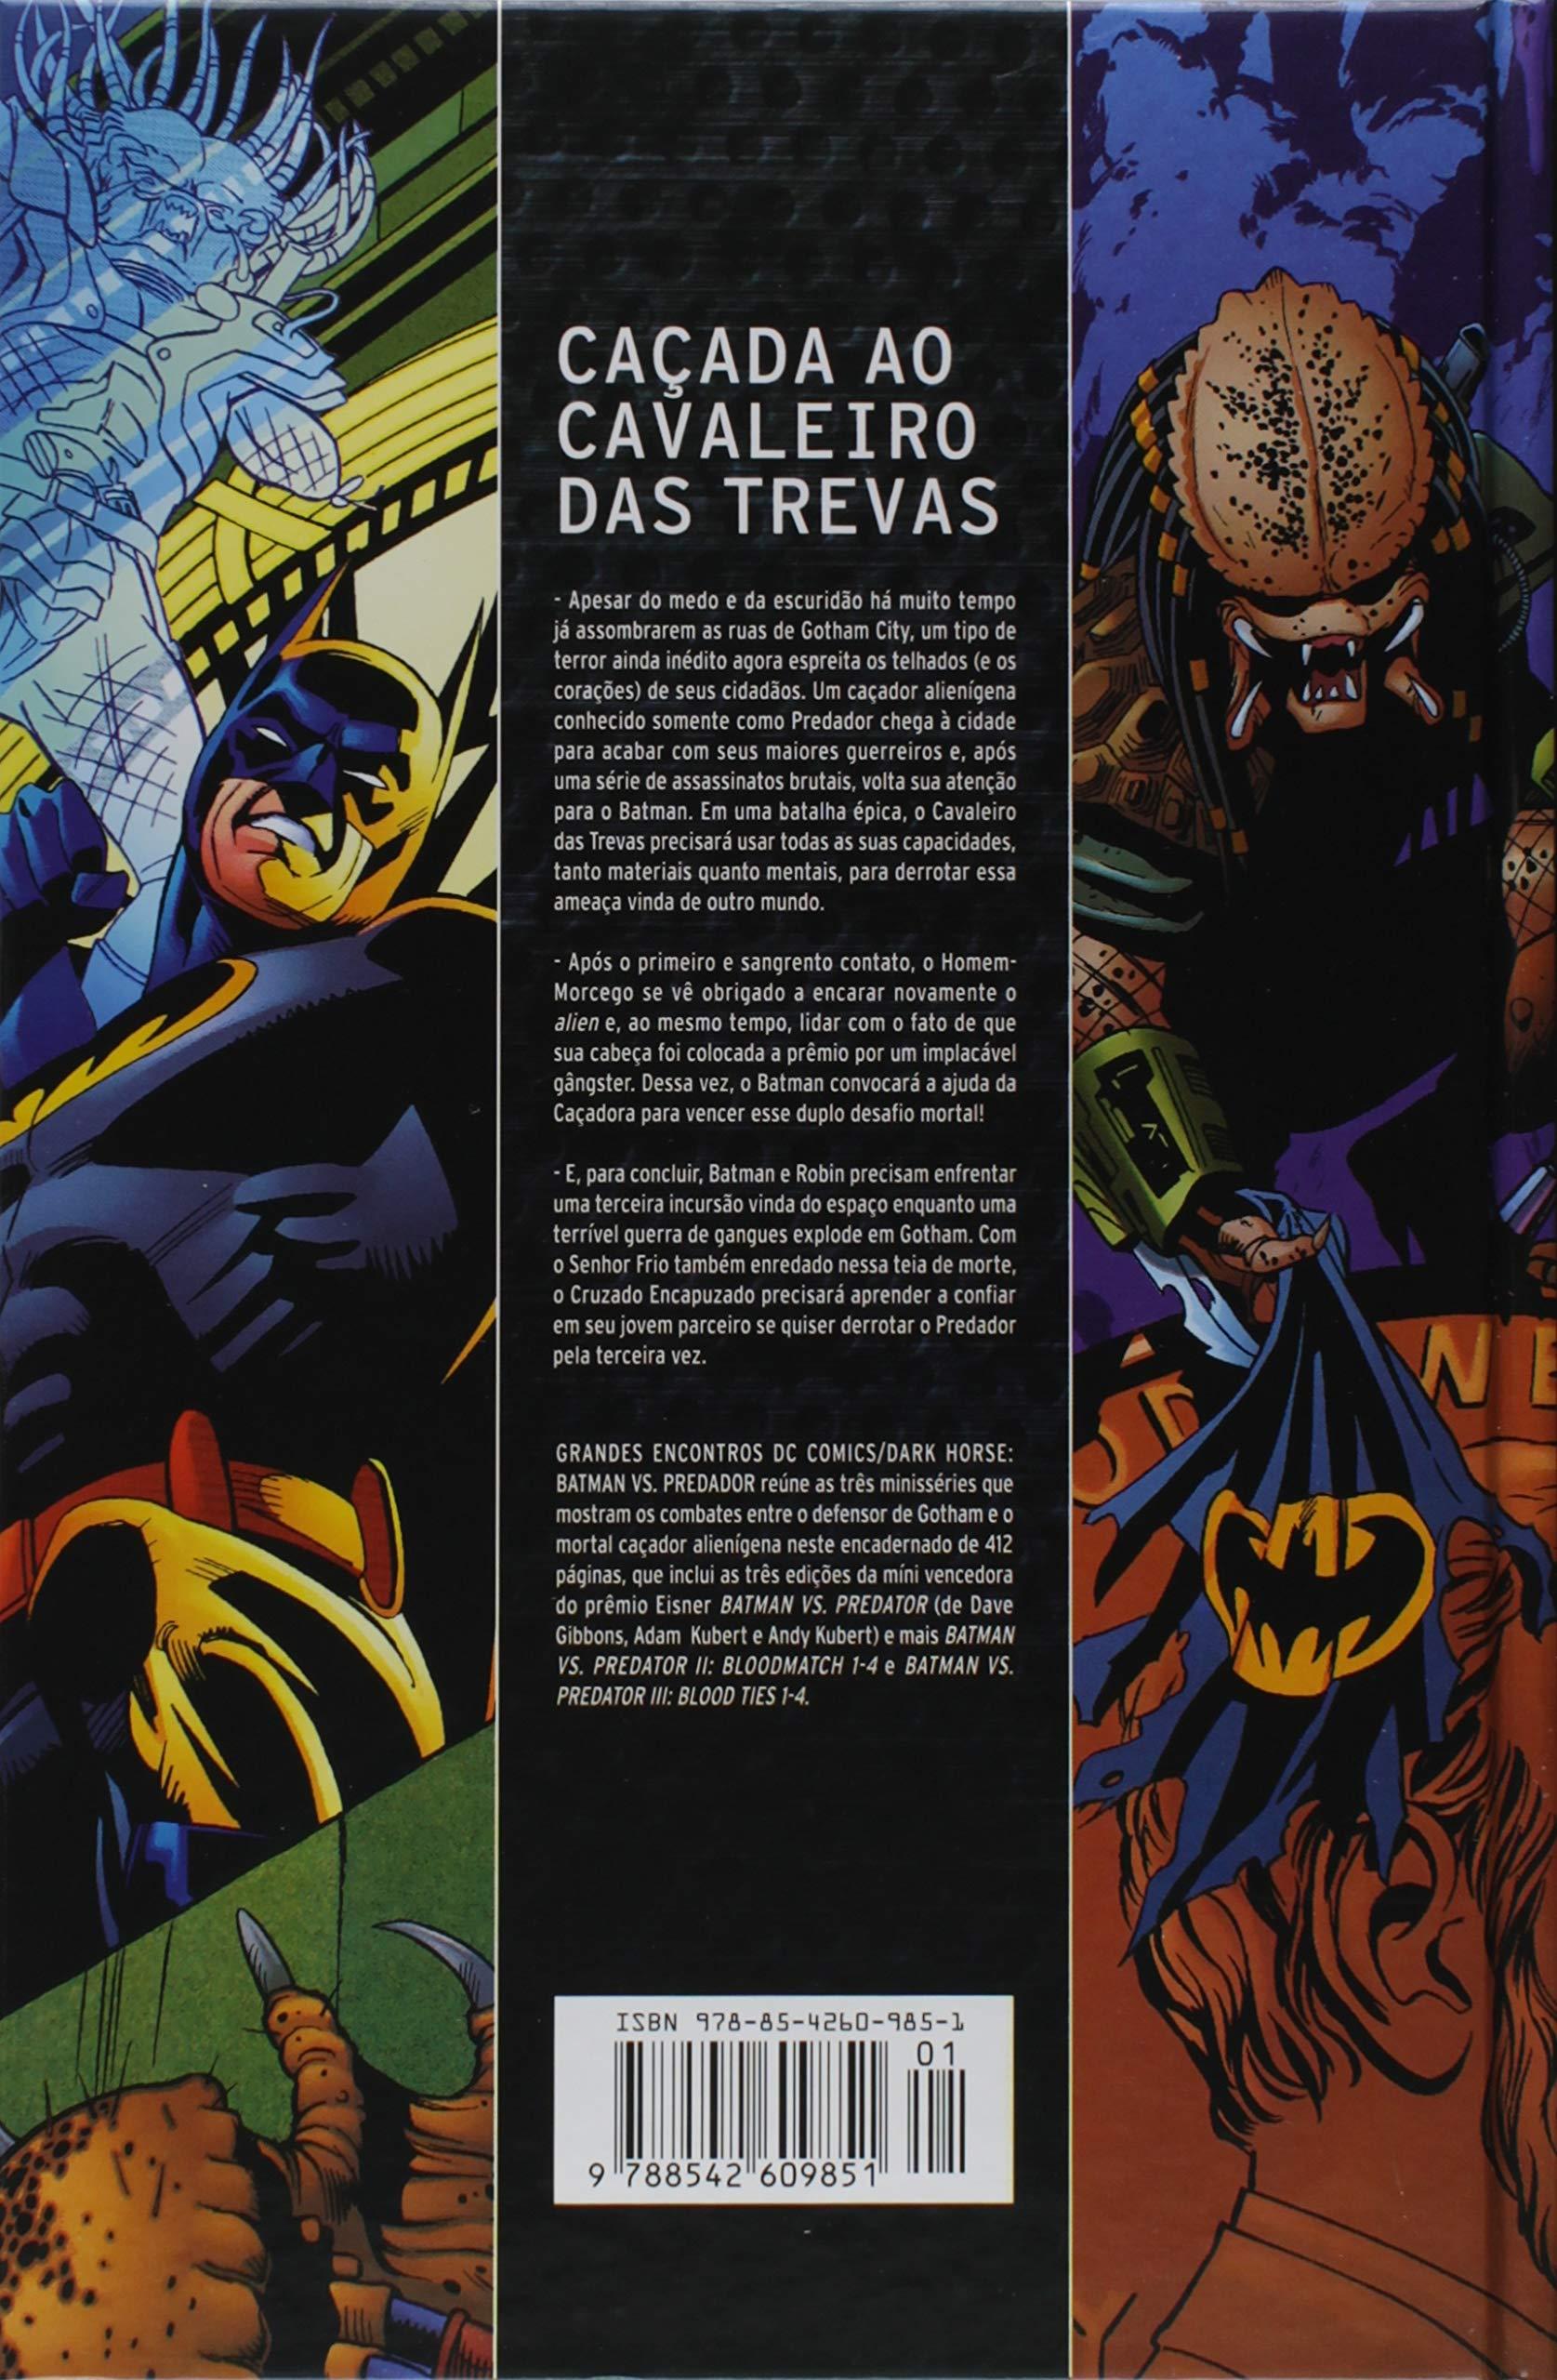 d79d92f7b25 Grandes Encontros. Dc Comics Dark Horse. Batman Vs. Predador -  9788542609851 - Livros na Amazon Brasil